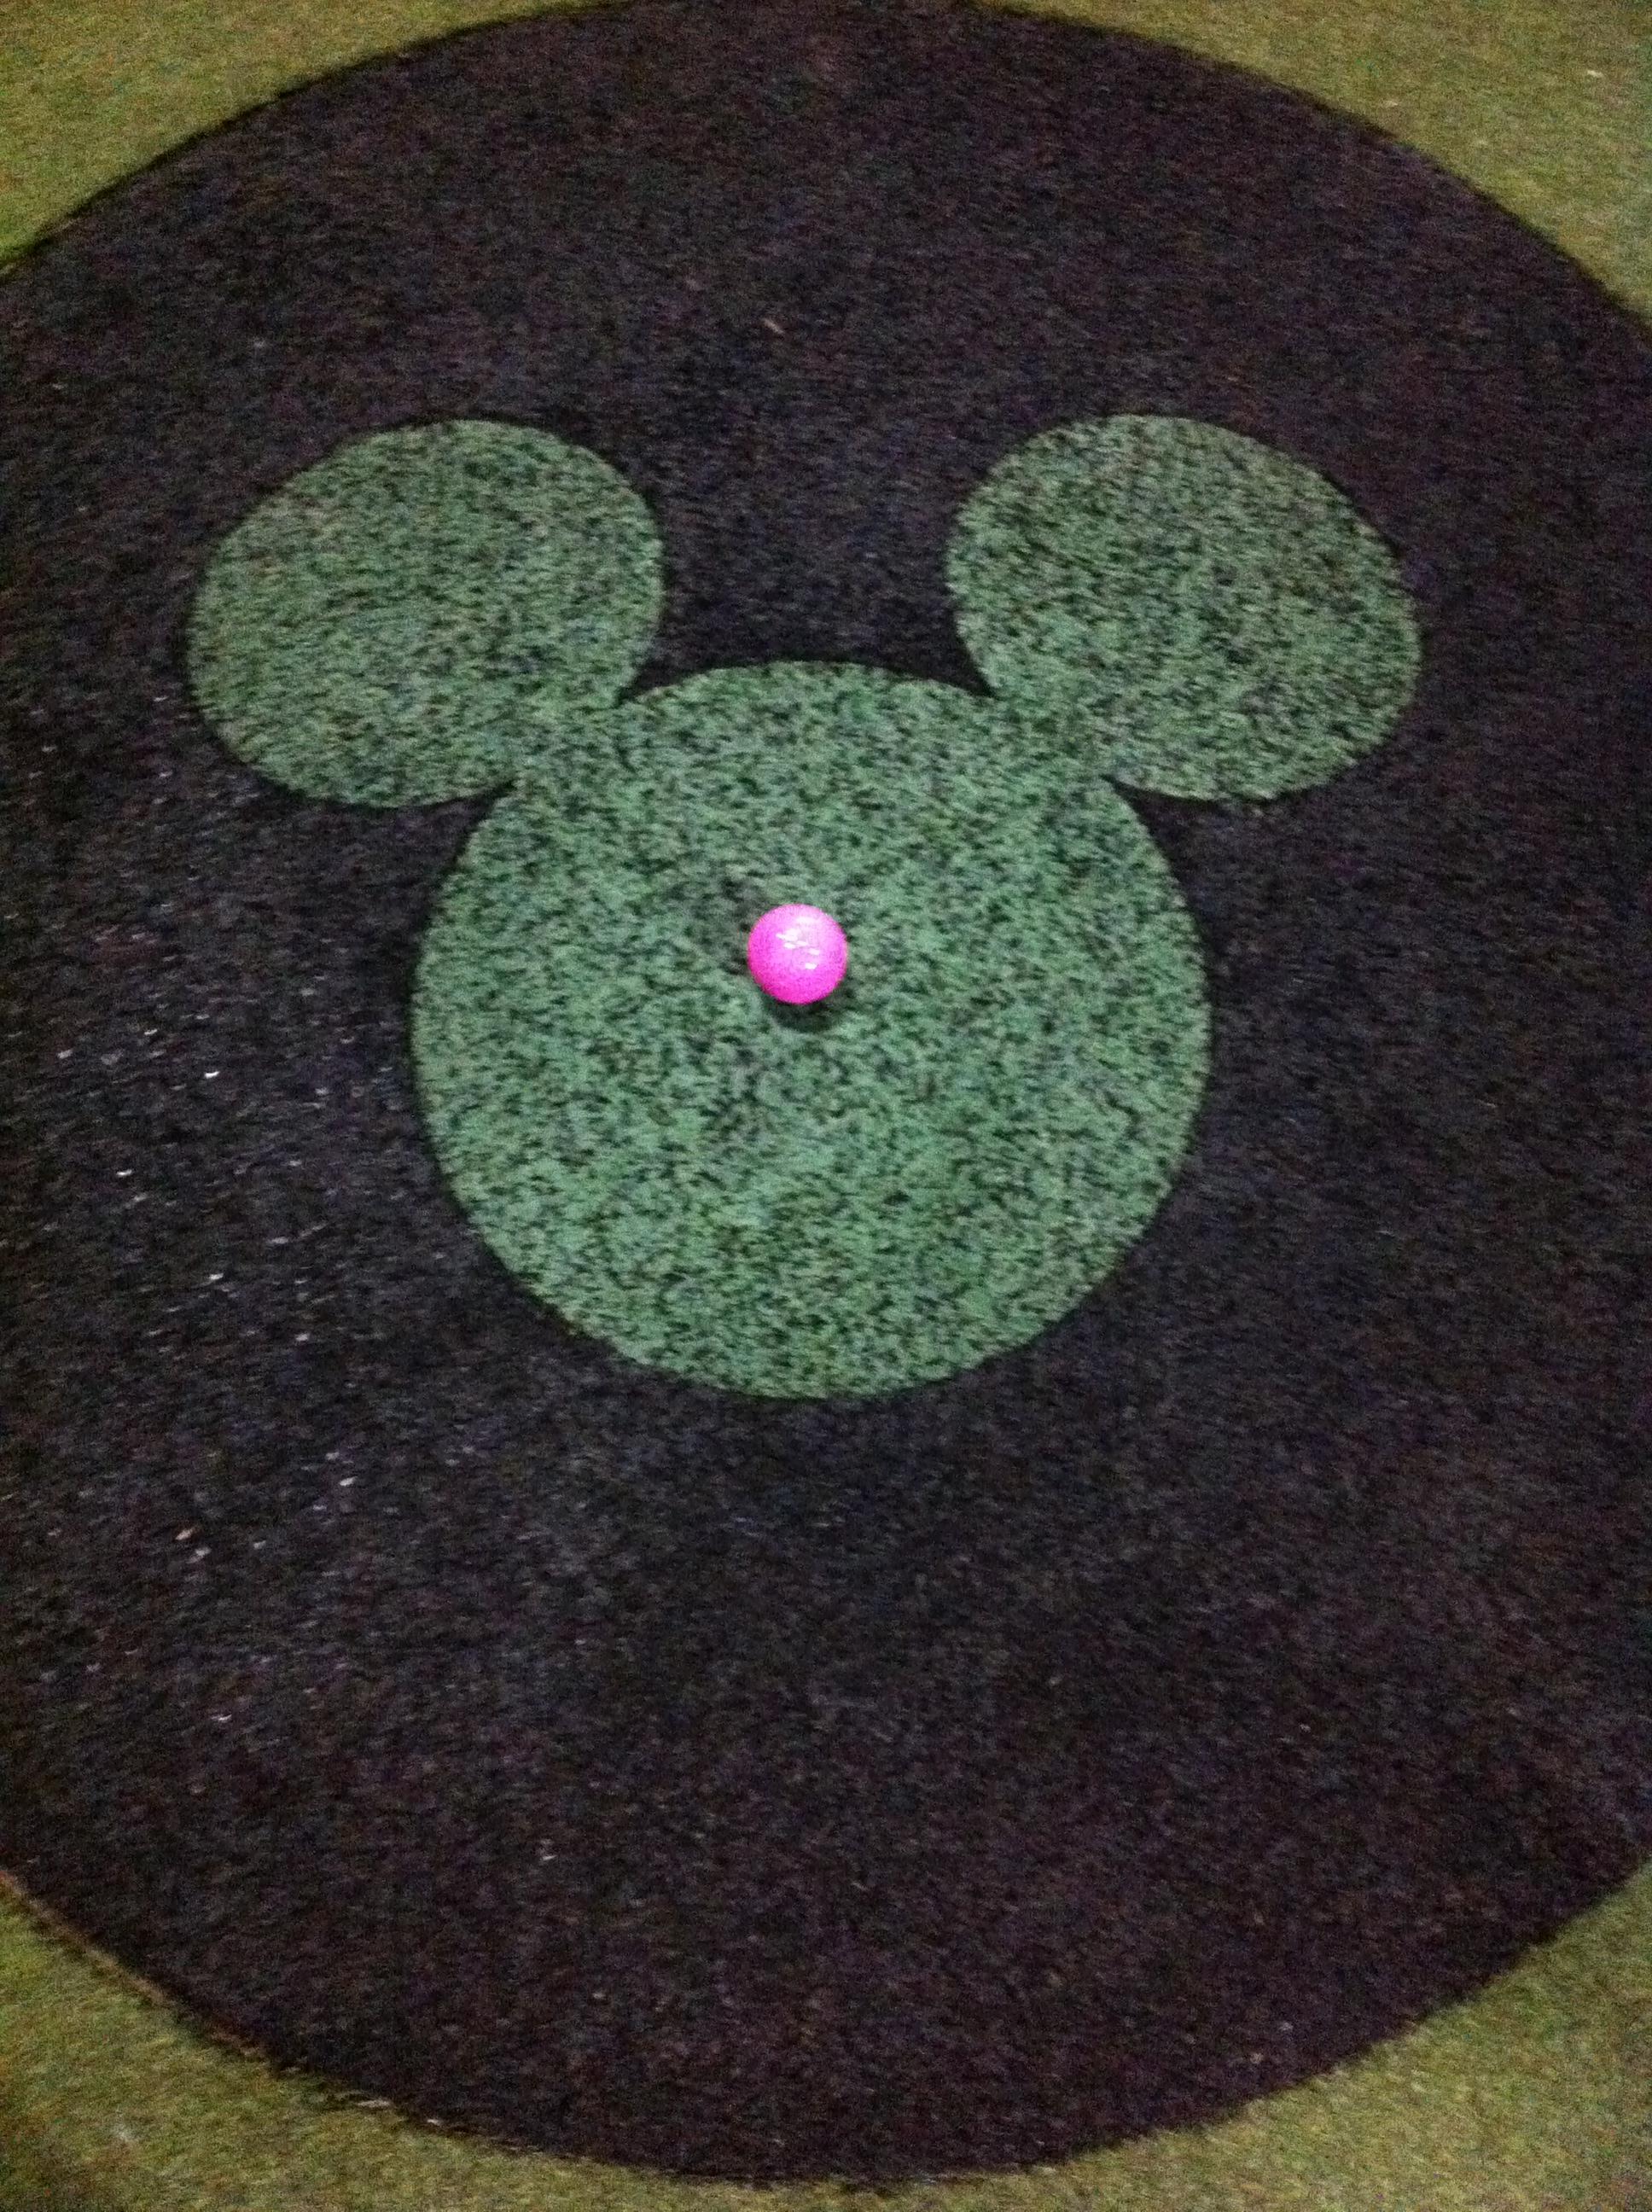 Mini Golf at Disney